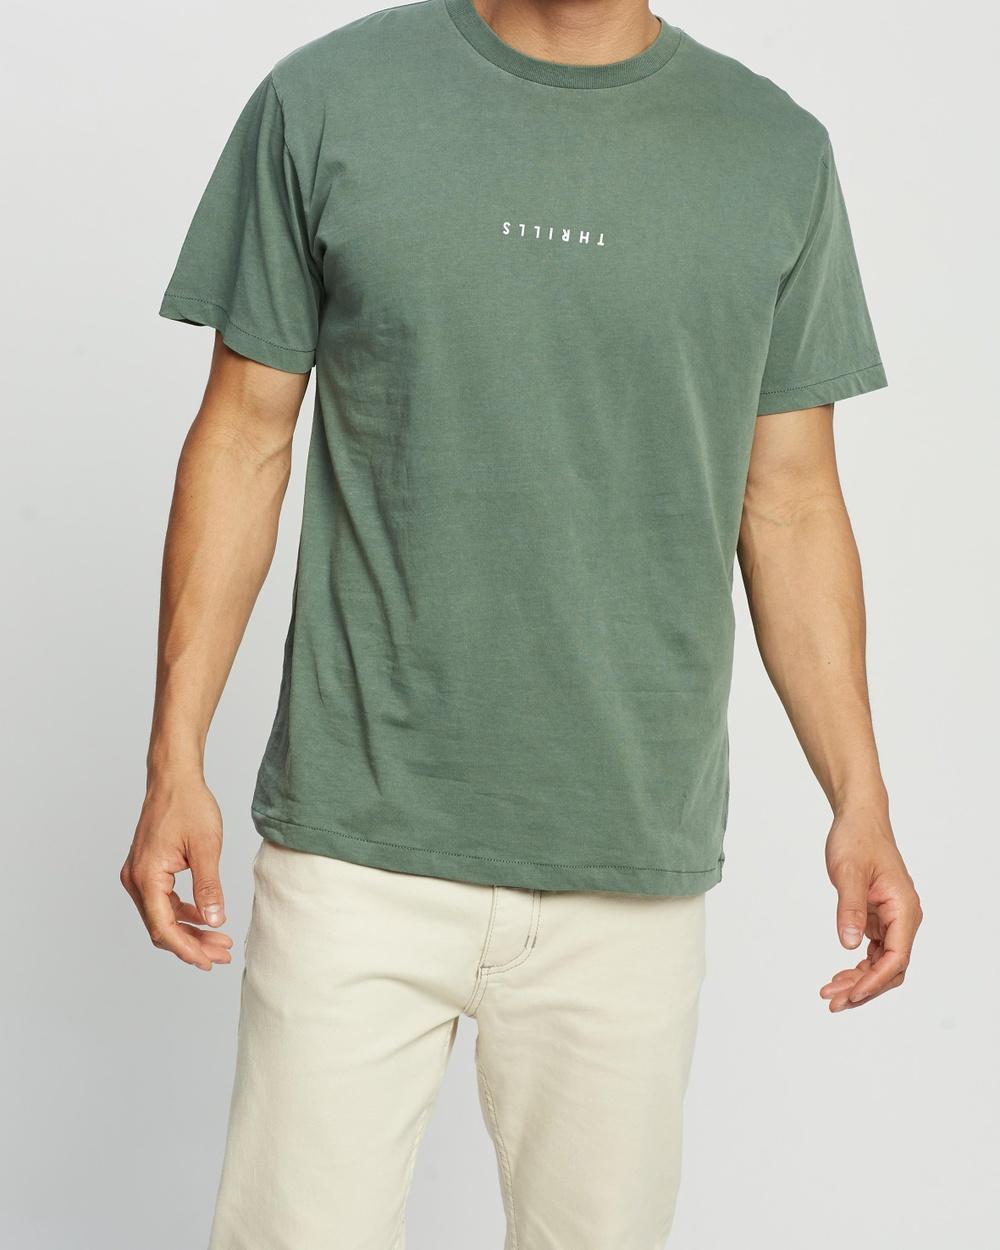 Thrills Minimal Merch Fit Tee T-Shirts & Singlets Lume Green Australia